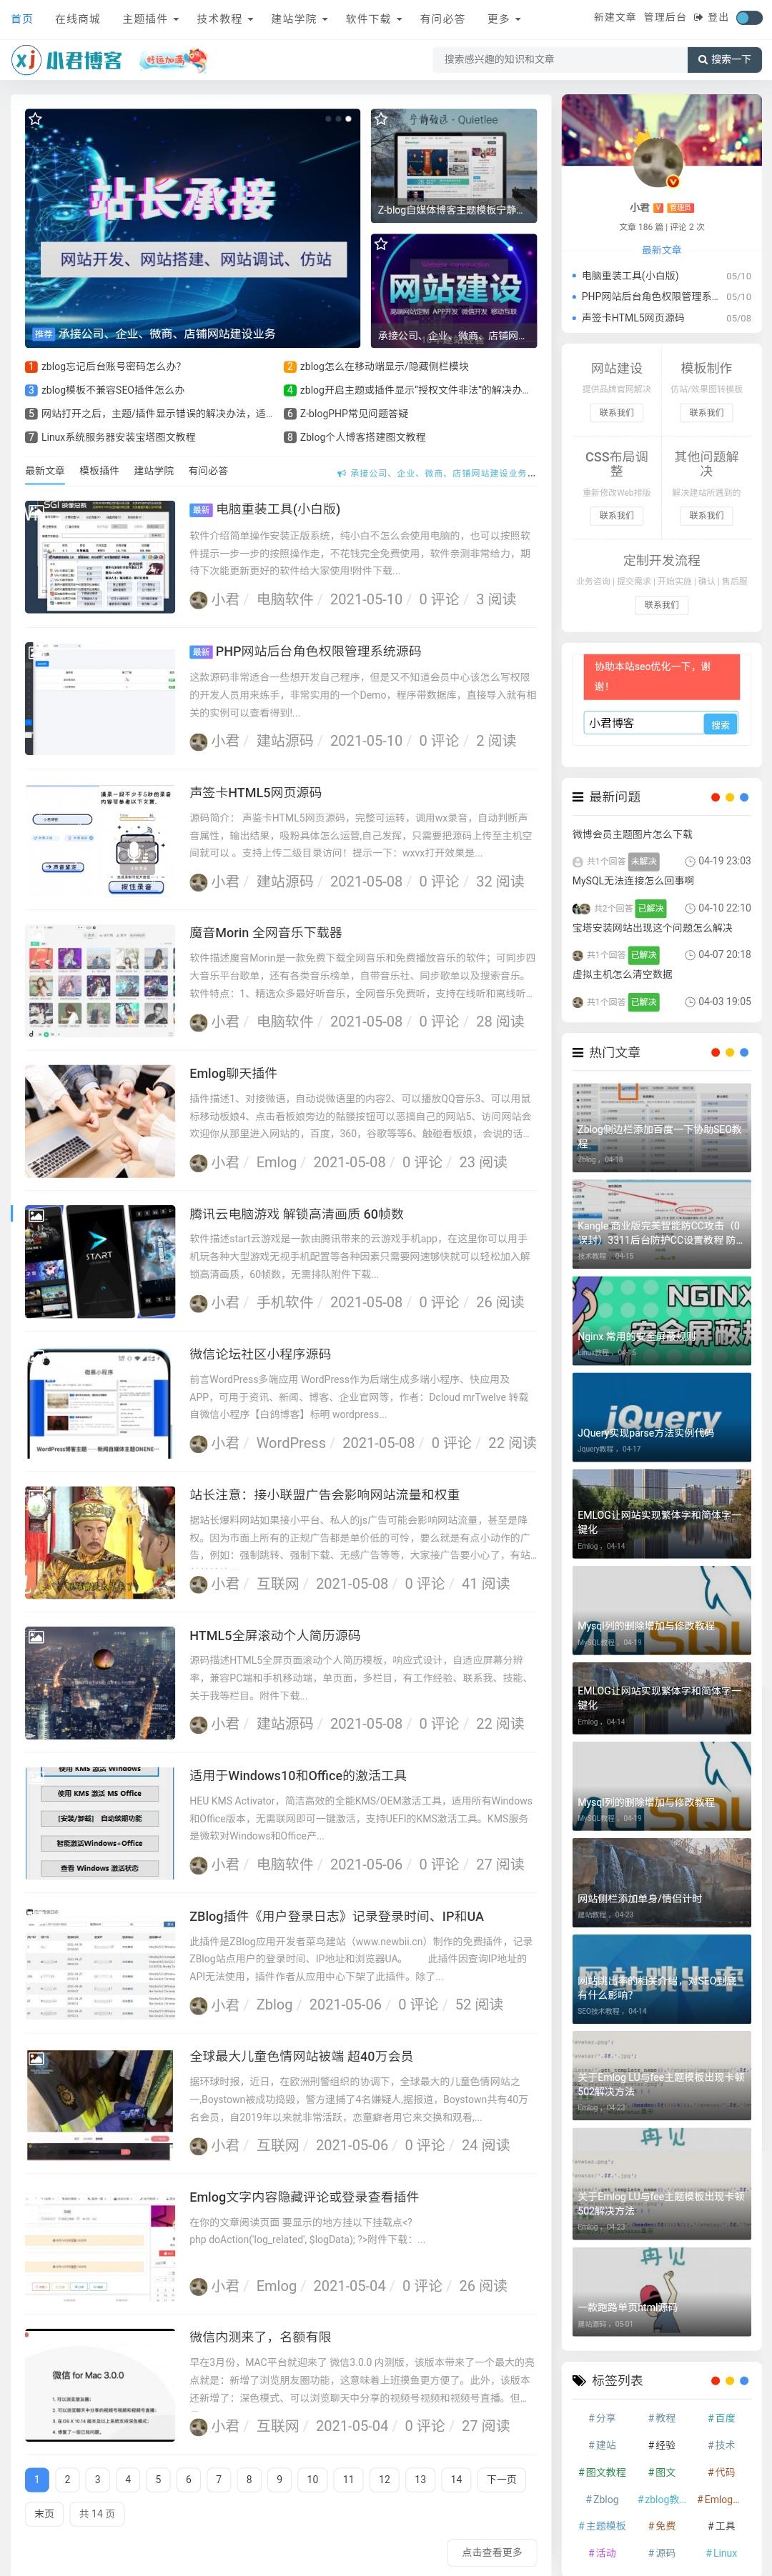 Z-blog自媒体博客主题模板宁静致远(Quietlee),博客自用主题,Zblog,主题模板,zblog模板,zblog主题,第19张